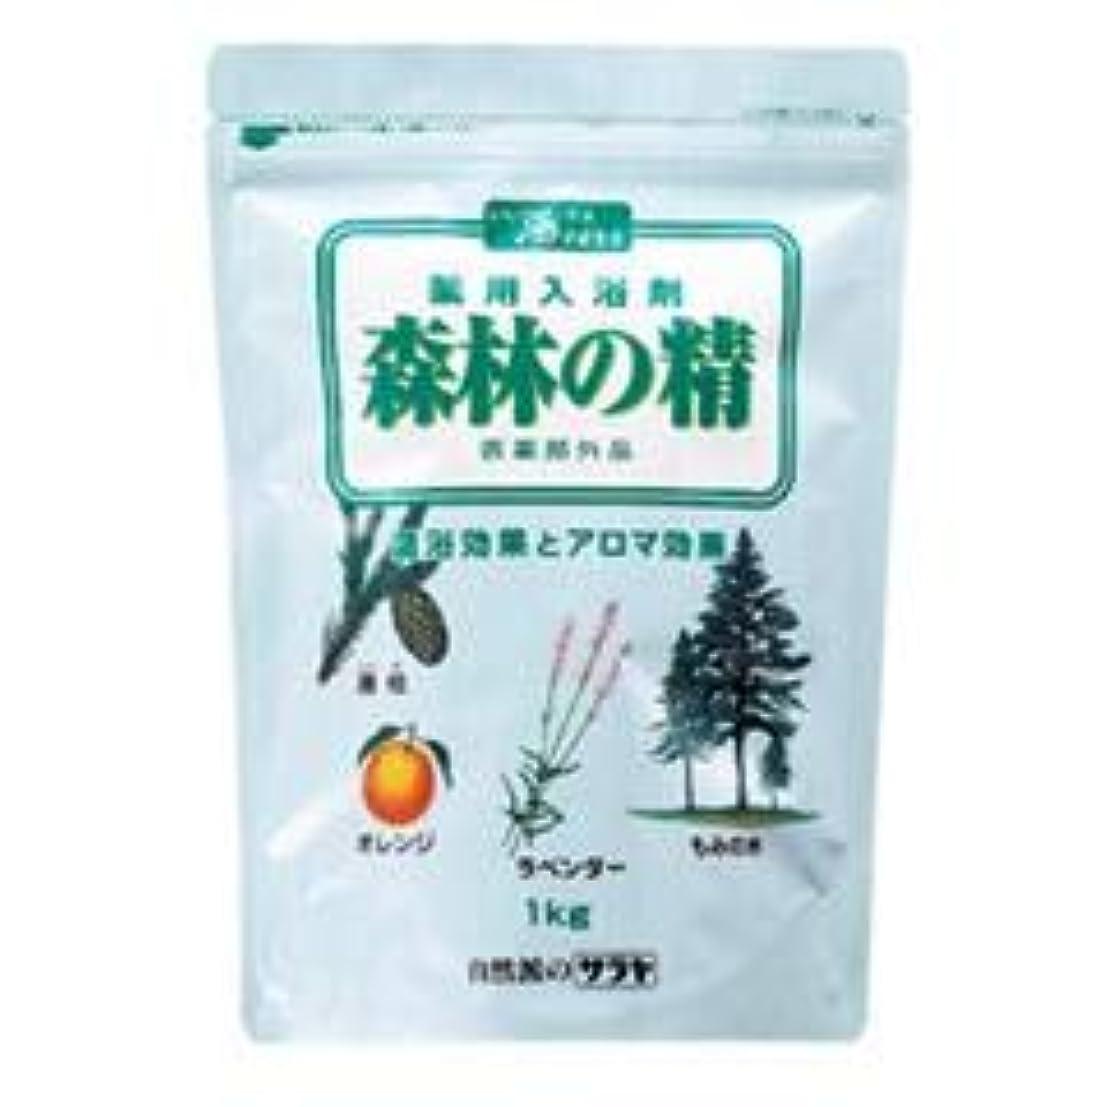 許容できる目の前の算術サラヤ 薬用入浴剤 森林の精 チャック付 1kg